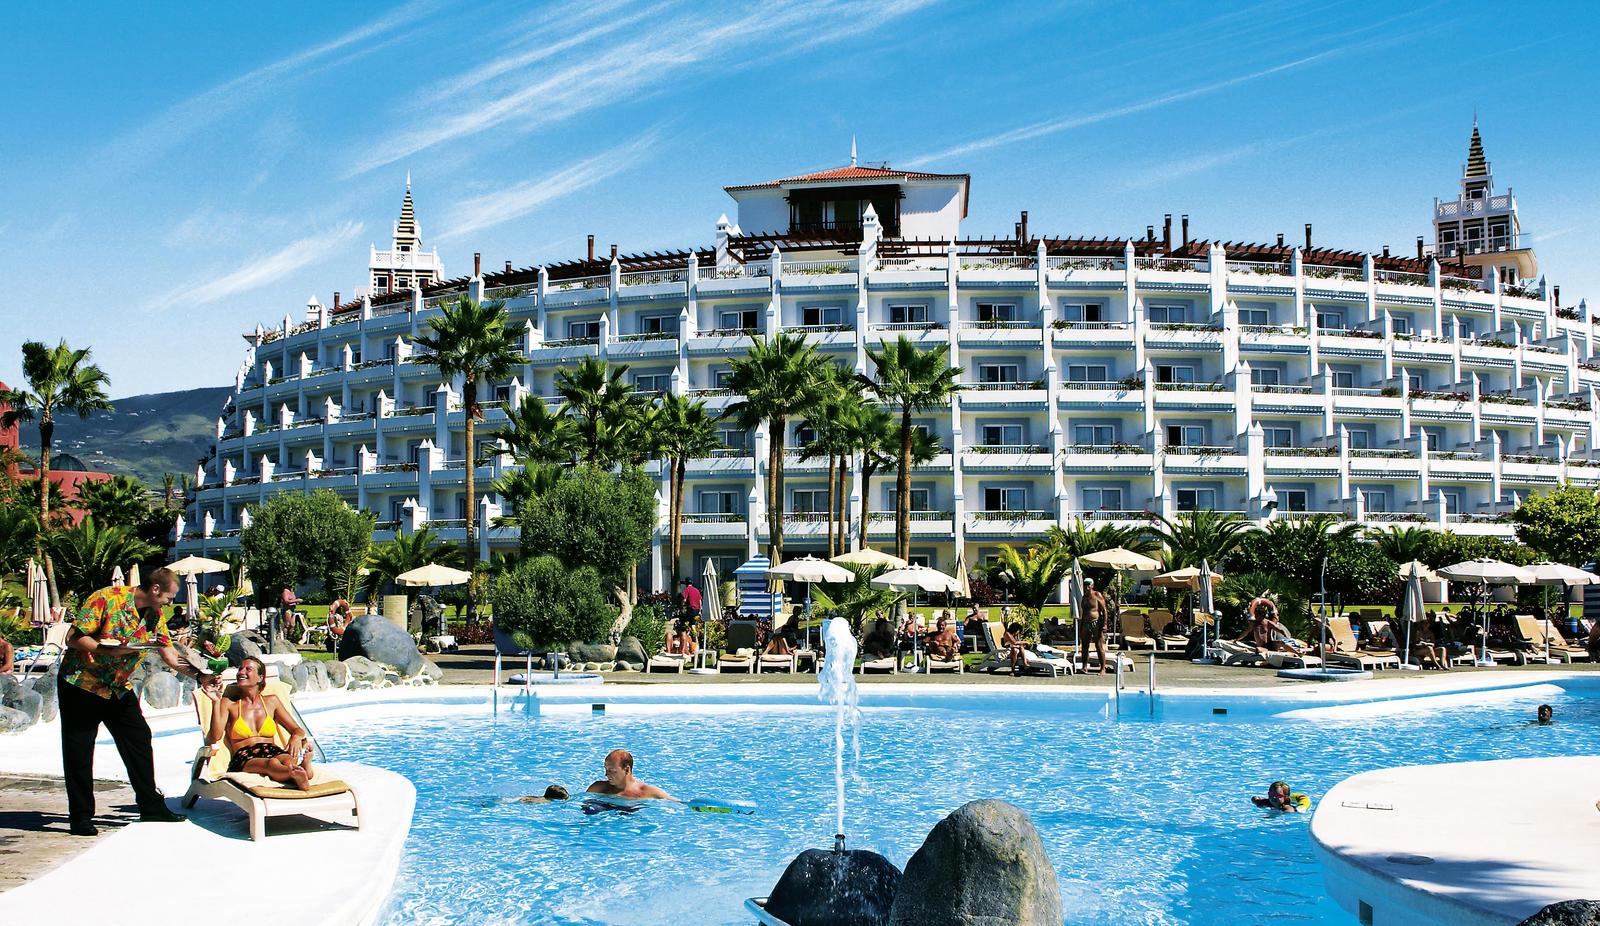 La Caleta Hotel Tenerife